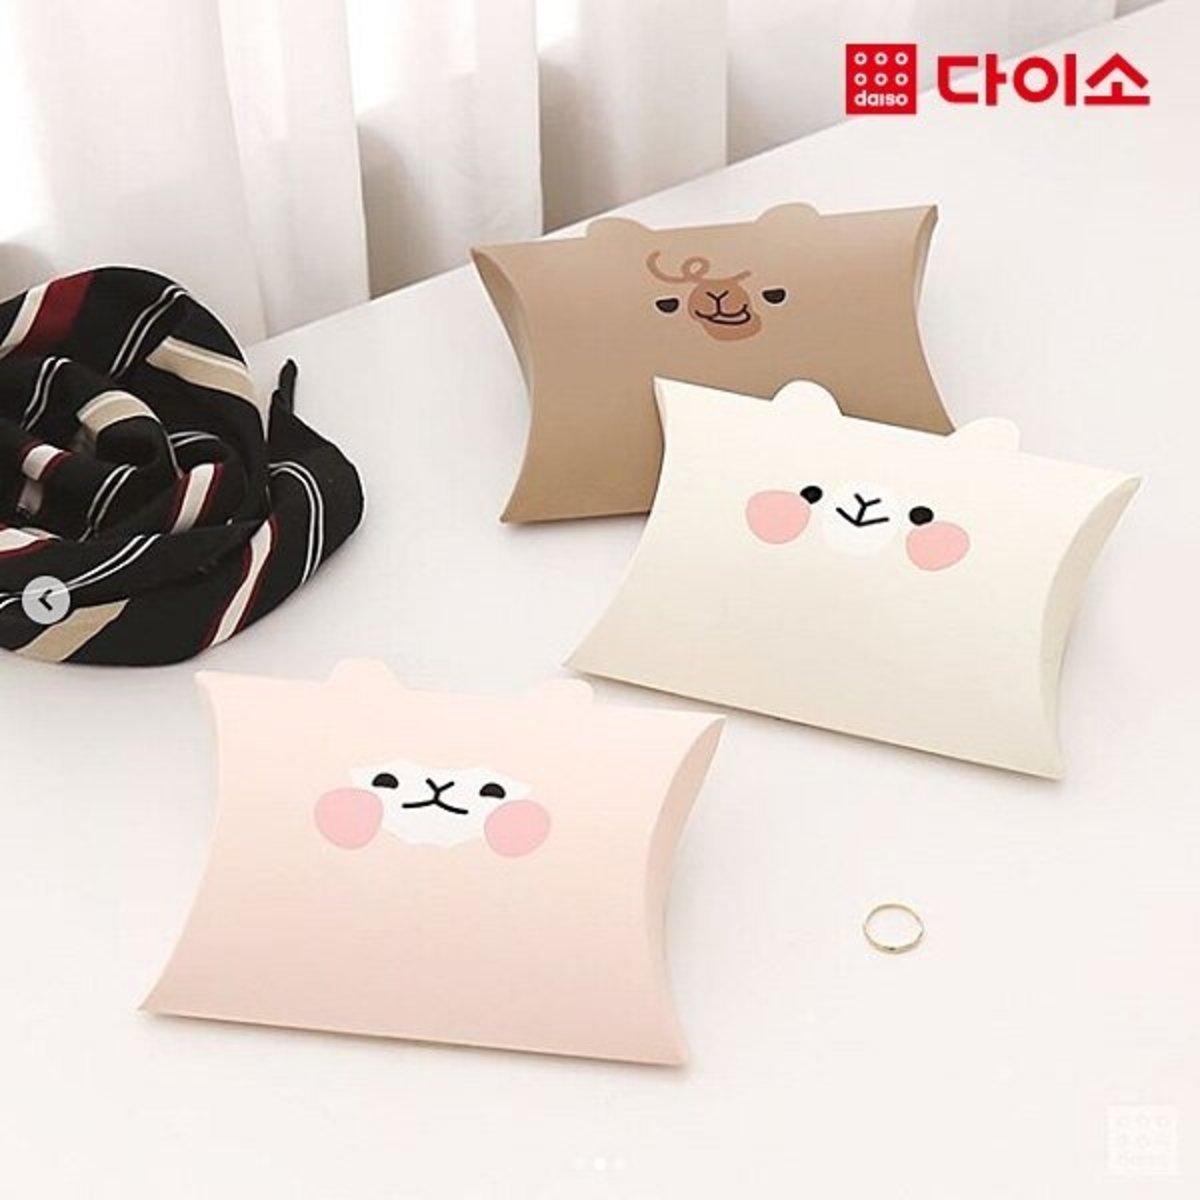 羊駝DIY紙盒 5P - 粉紅色